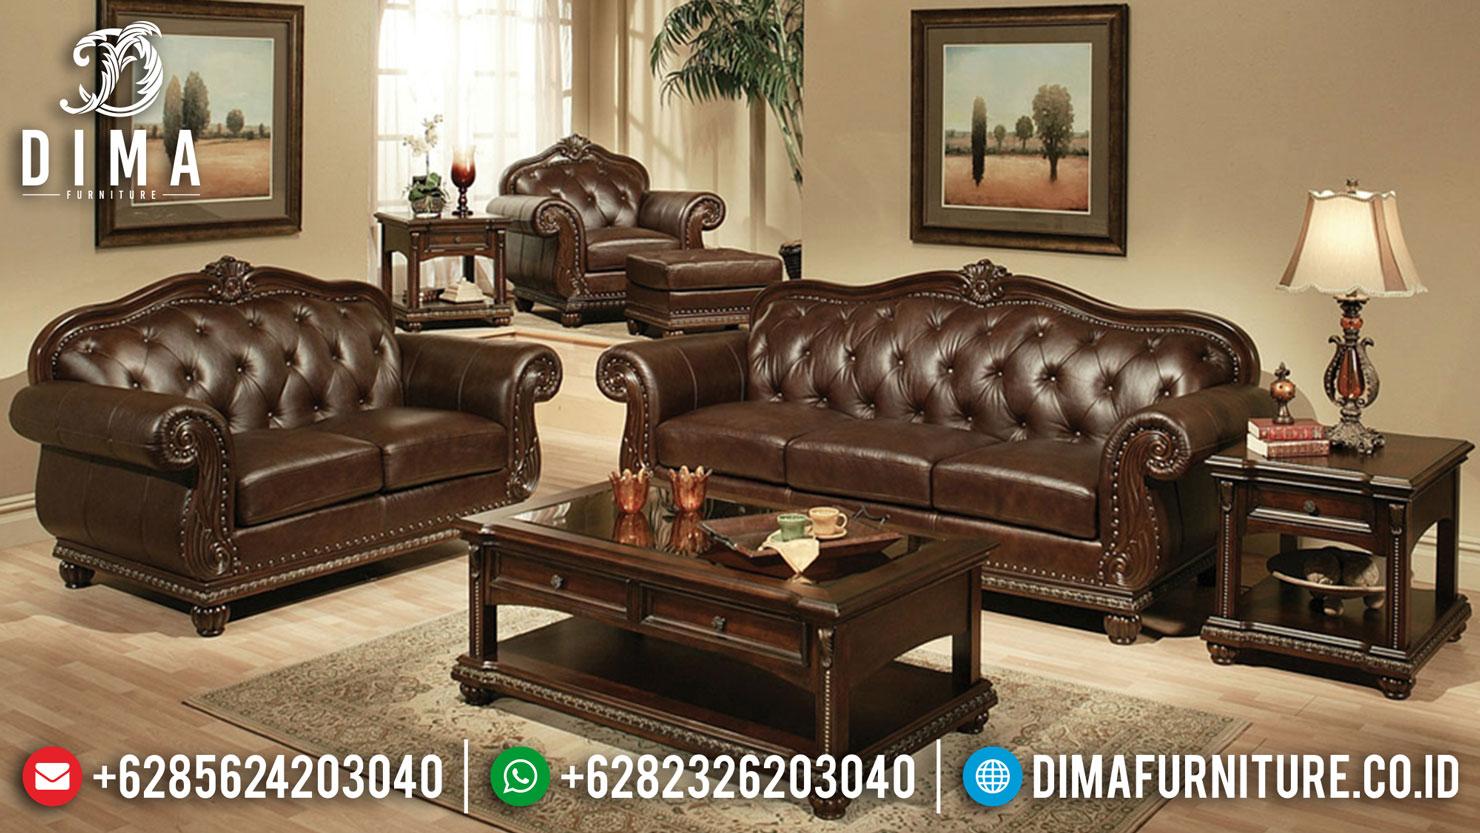 Kursi Sofa Ruang Tamu Mewah Terbaru Ukiran Jepara Klasik ST-0444